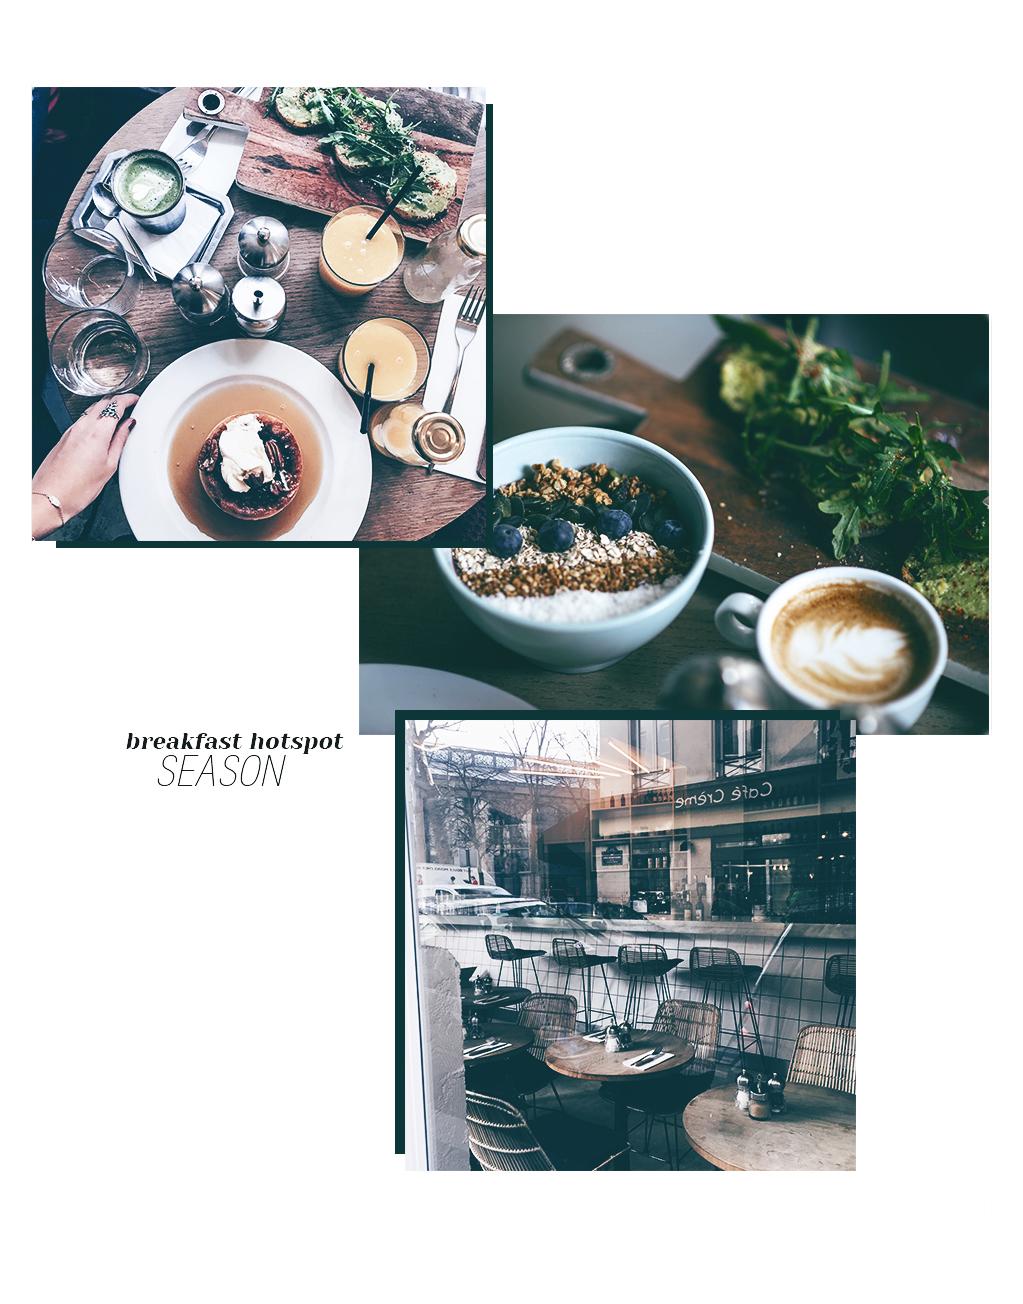 Season Frühstück Brunch Marais Paris Hotspot Test Bestes Cafe